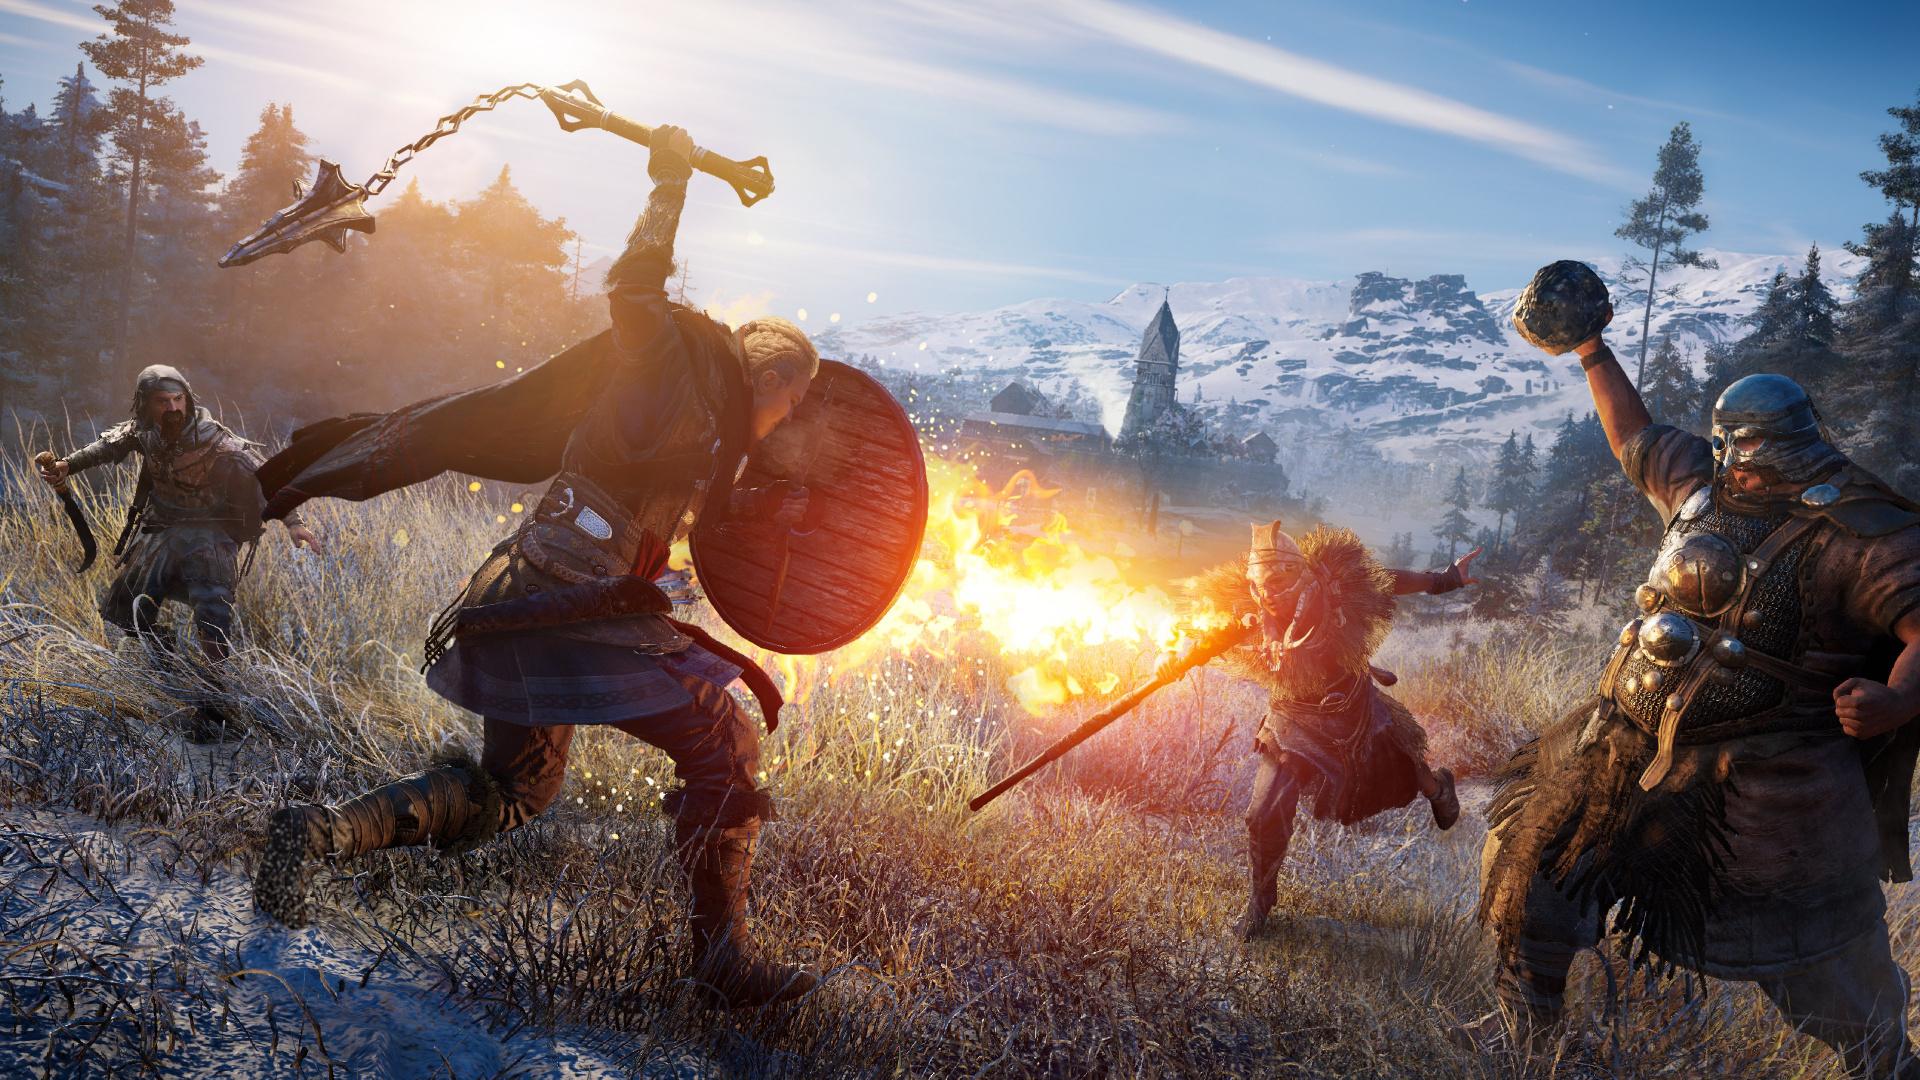 СМИ: Assassin's Creed Valhalla будет работать в 4К при 60 FPS и на PlayStation5